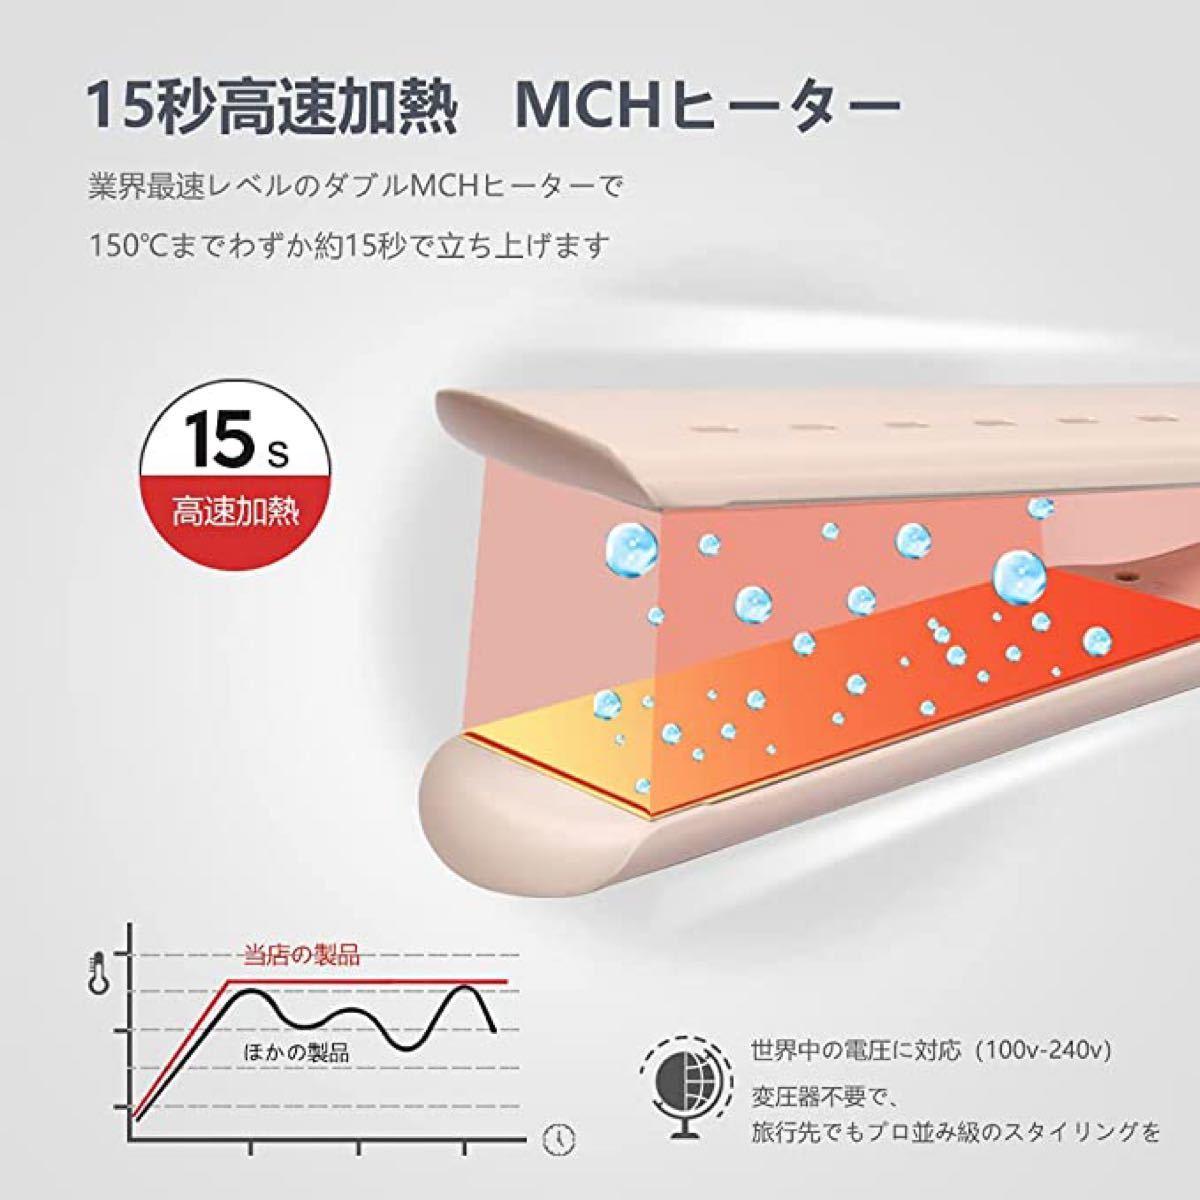 ストレートアイロン ヘアアイロン チタニウムプレート44mm 5段階温度調節 150℃〜230℃ 干湿両用 海外対応 自動OFF